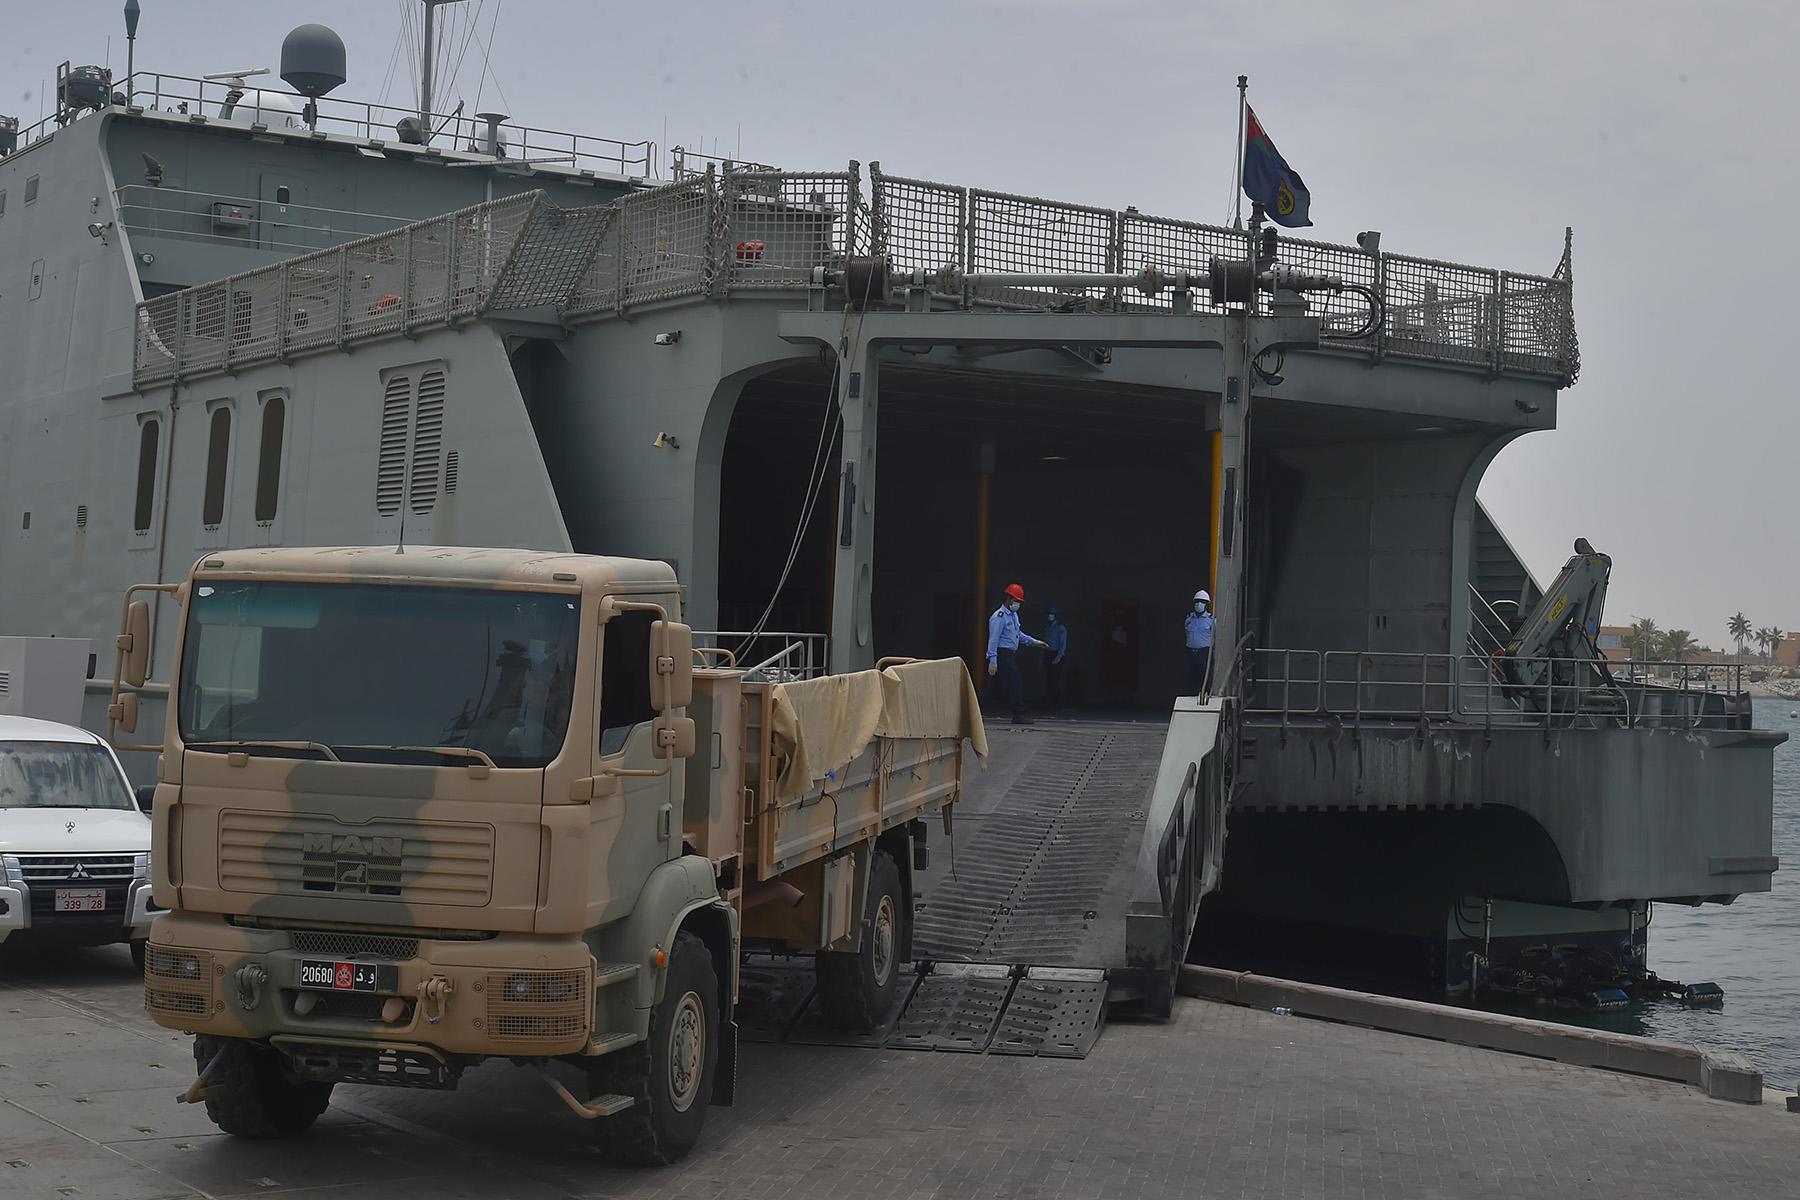 البحرية السلطانية تنقل شحنات متنوعة إلى مسندم